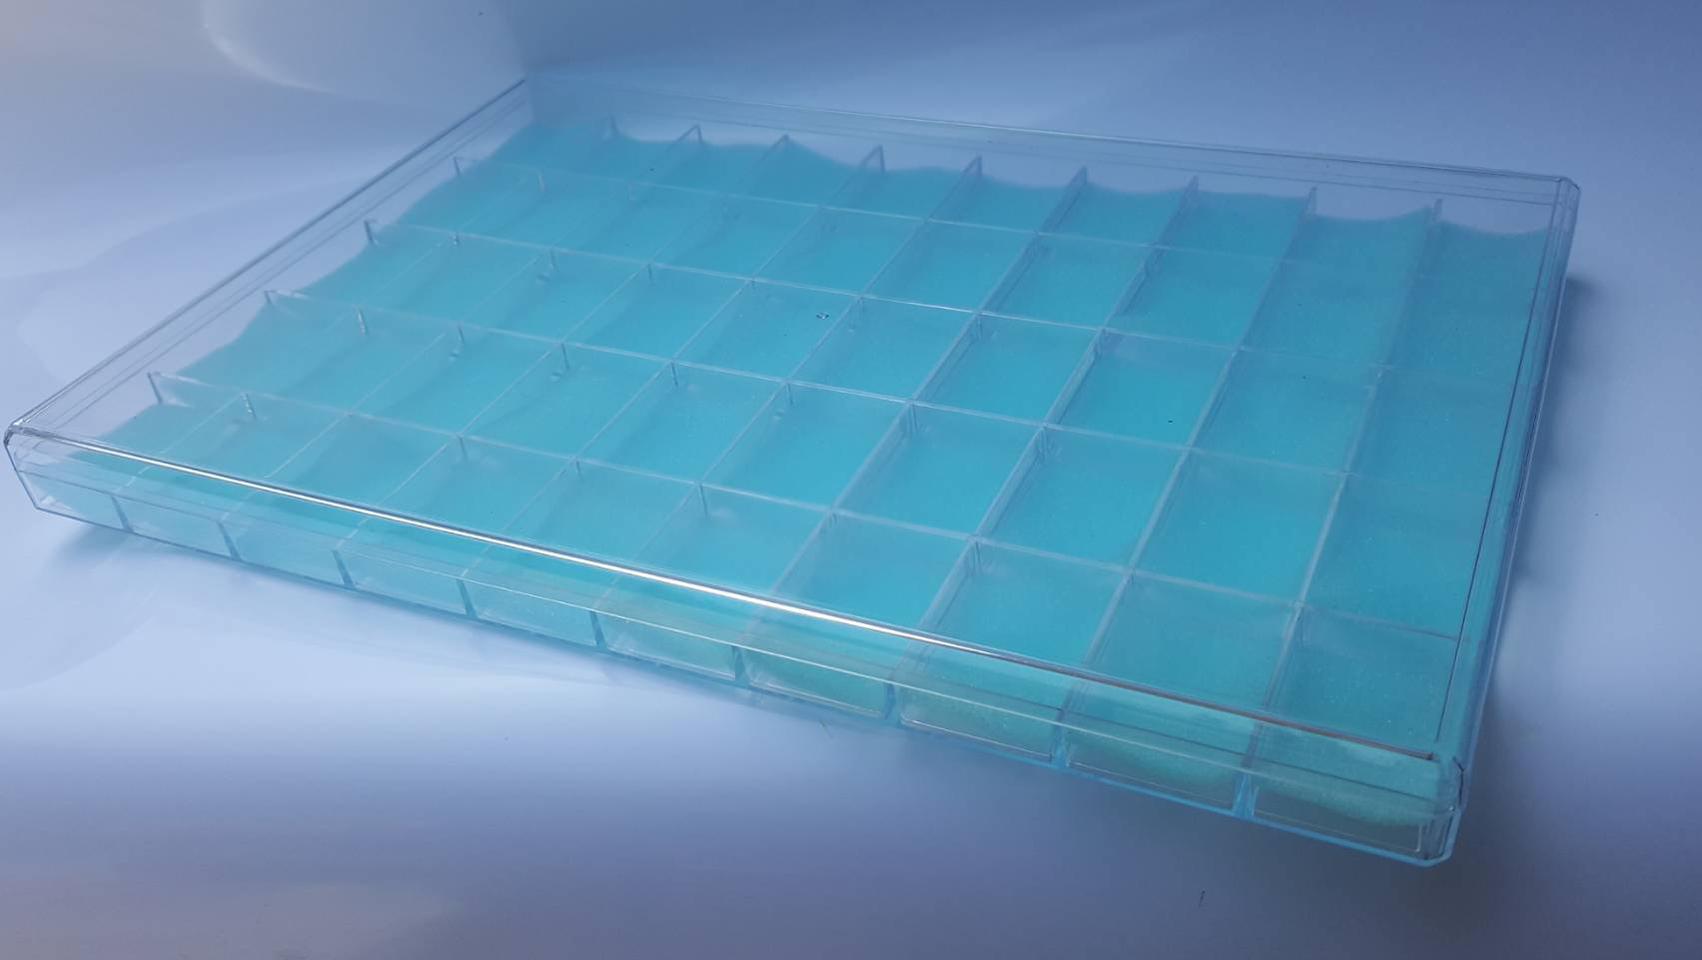 กล่องพลาสติก เอนกประสงค์ ติอต่อ เฮง 083-777-8672 รูปที่ 2